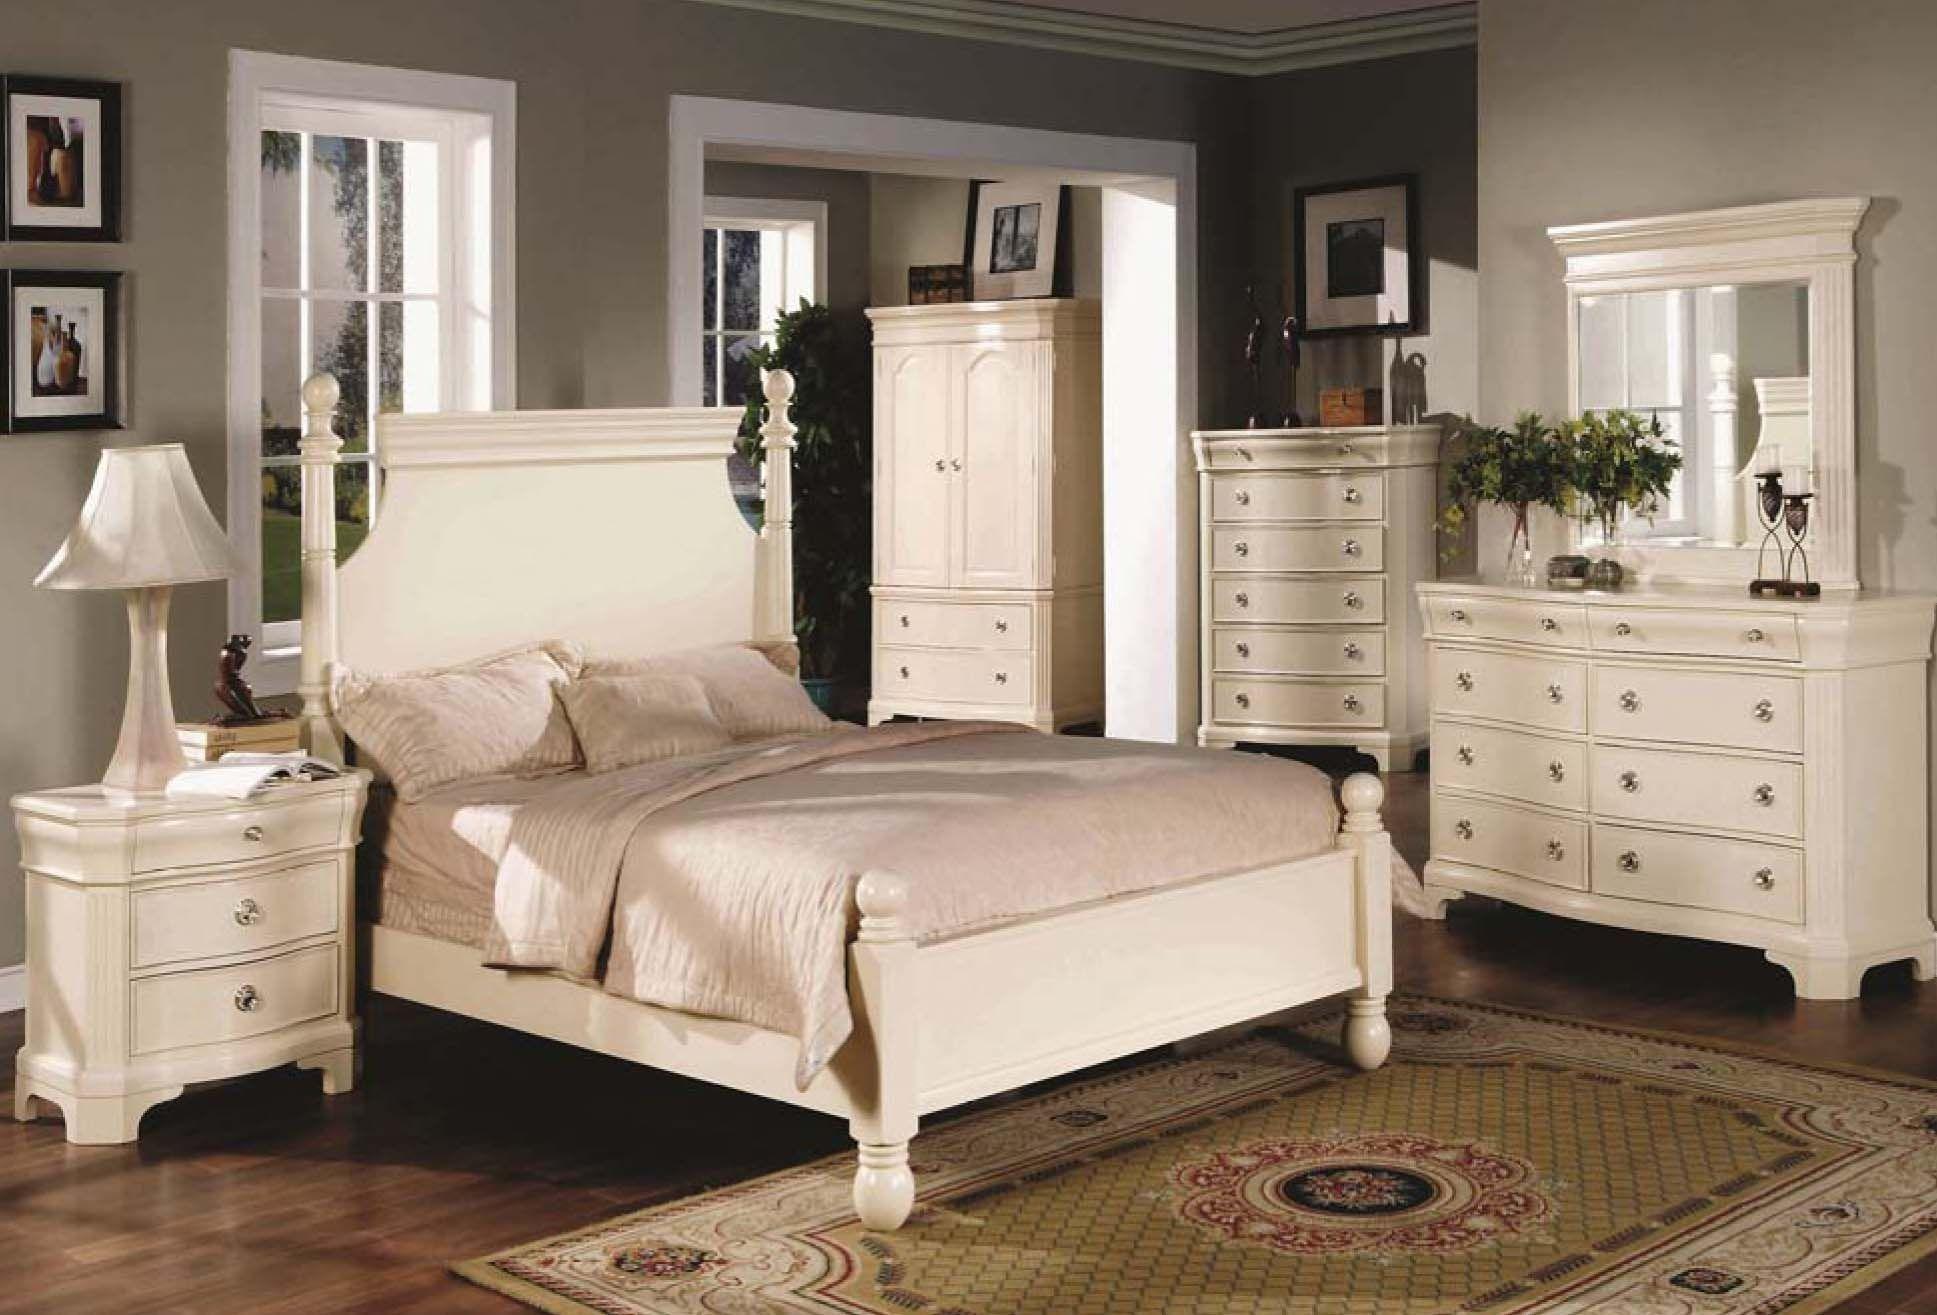 White Washed Bedroom Furniture Sets